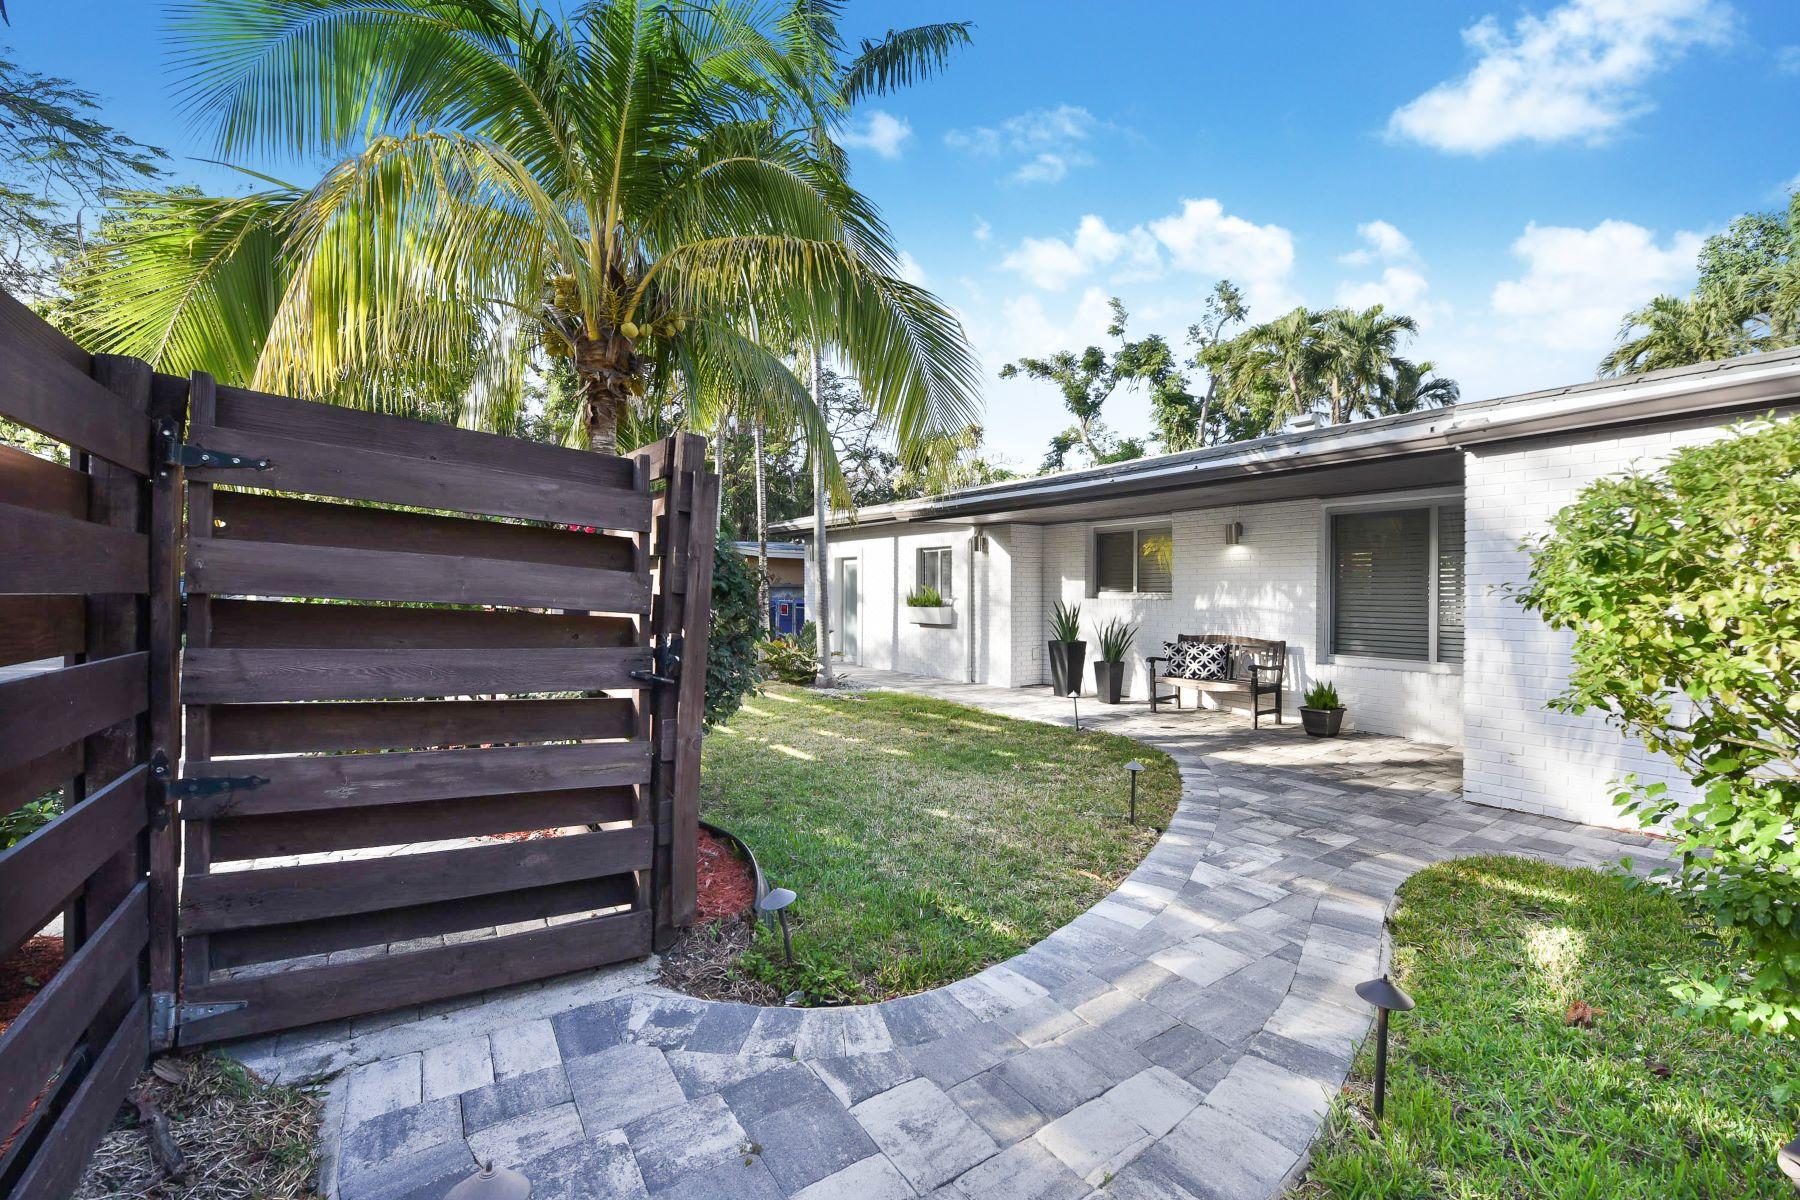 단독 가정 주택 용 매매 에 3685 N Bay Homes Dr Miami, 플로리다, 33133 미국